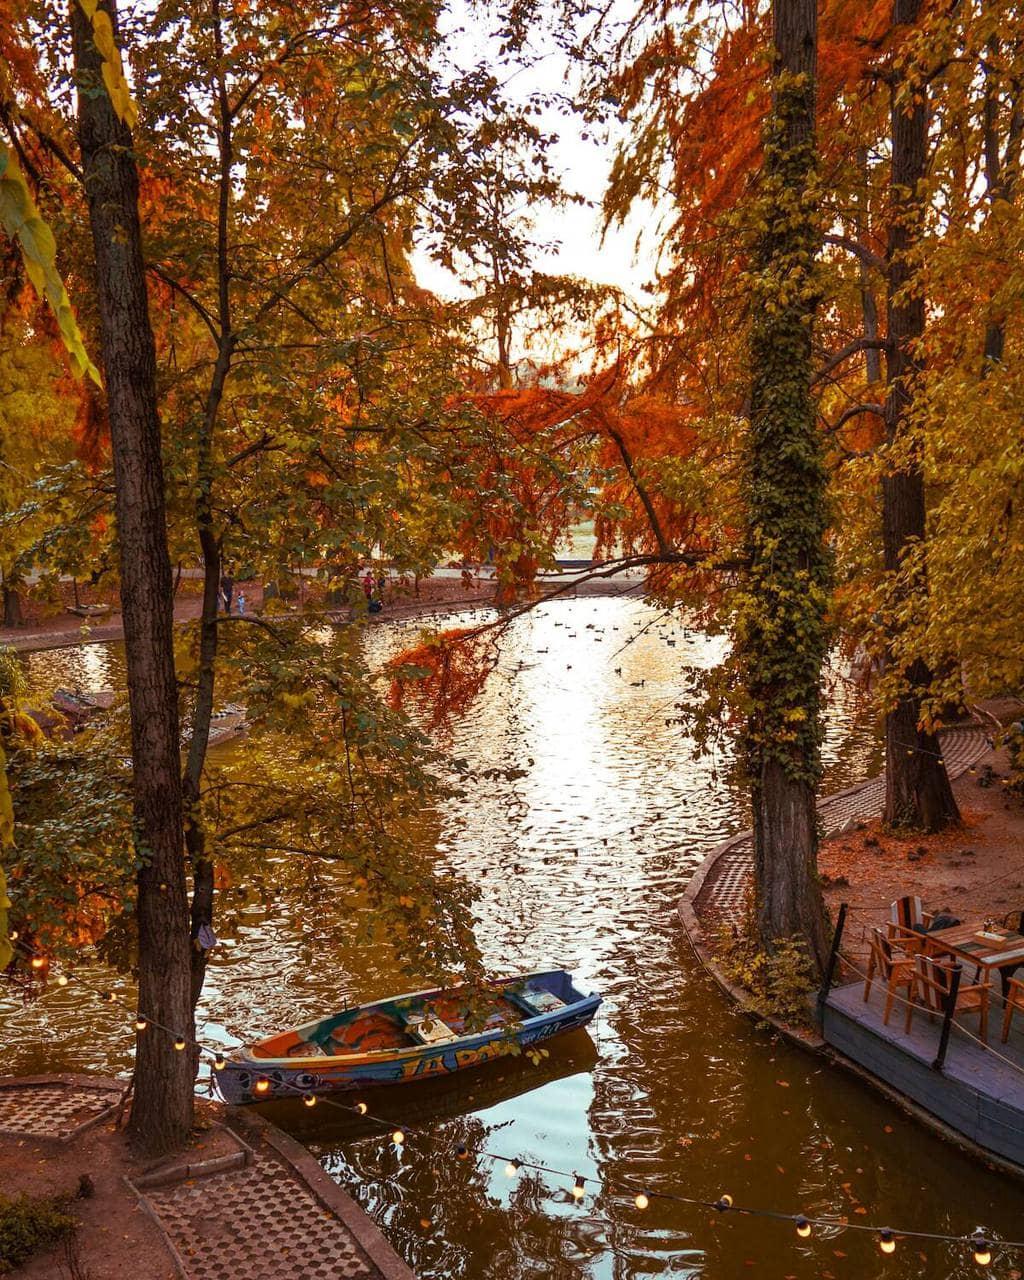 parcul-carol-bucuresti-turist-vizita-locul-de-la-geam2